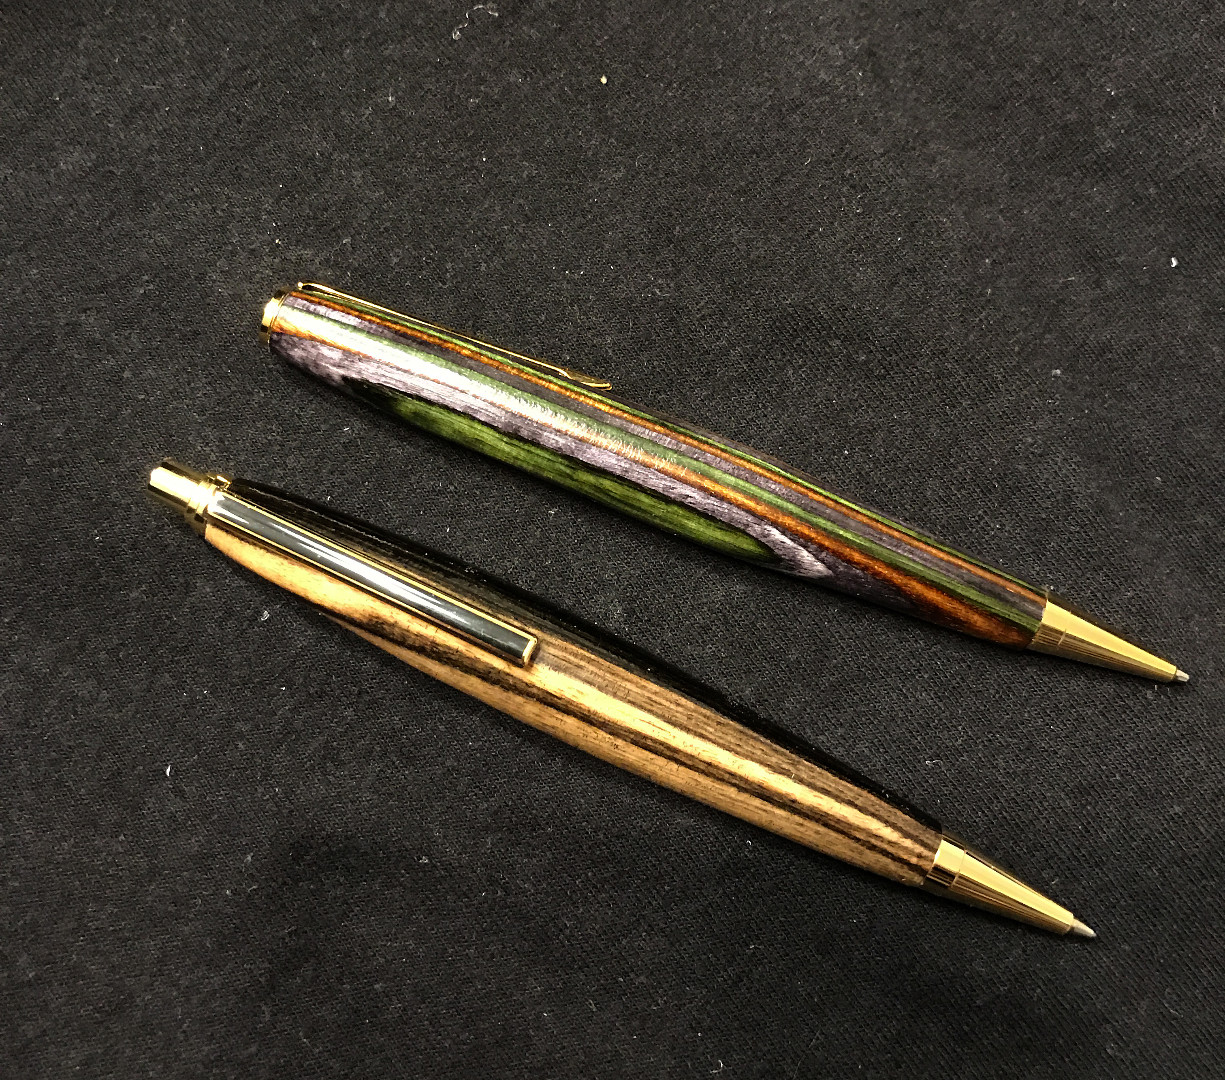 Pen-pencil.jpg